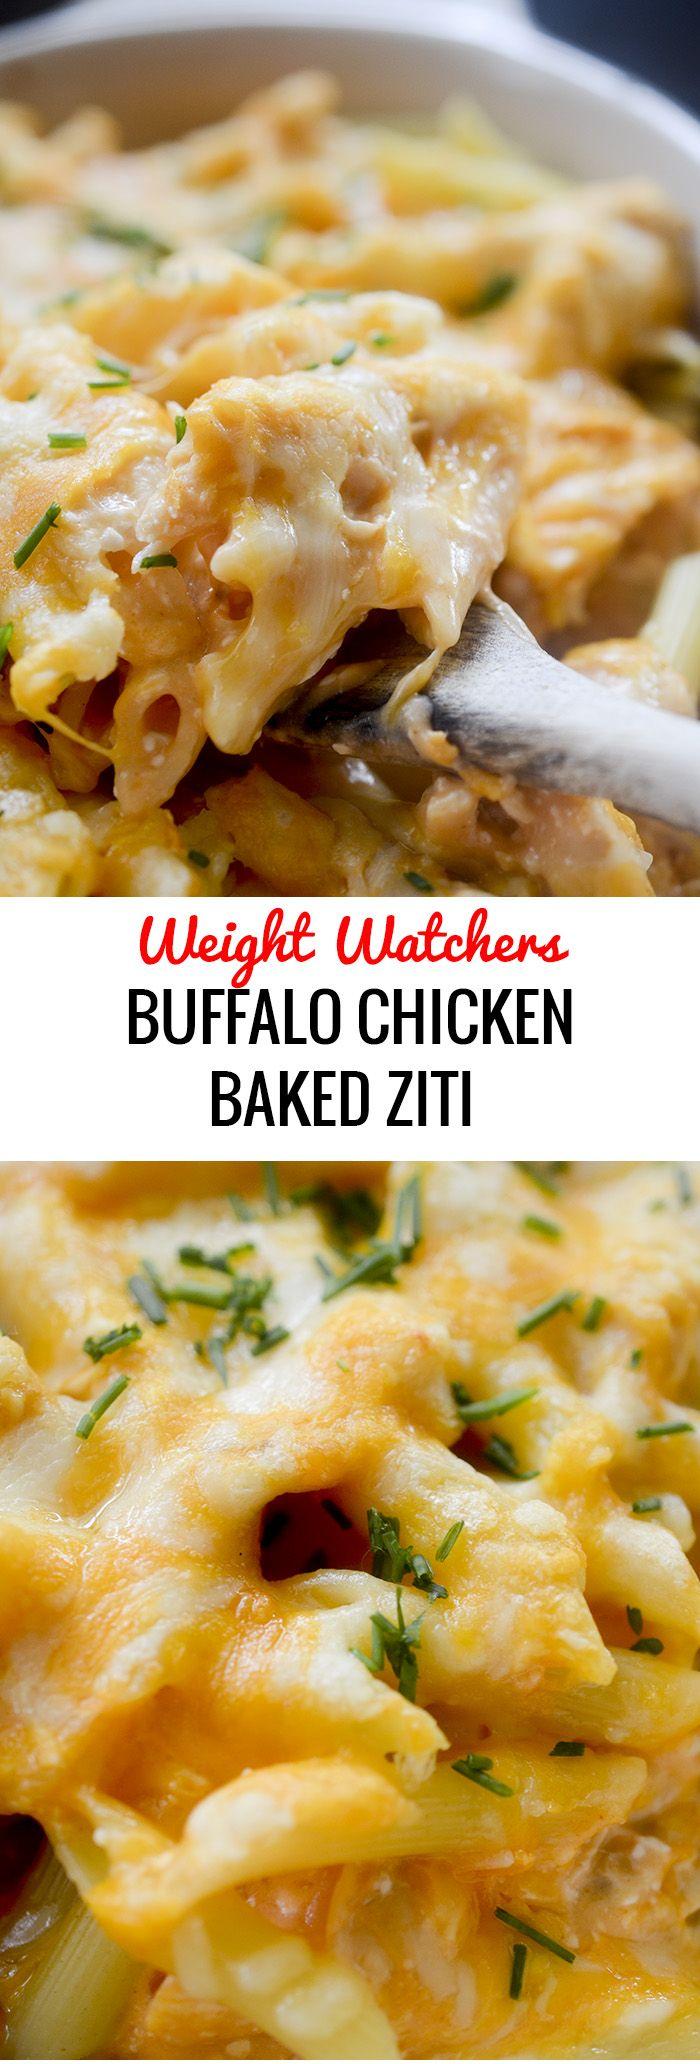 Buffalo Chicken Baked Ziti - Weight Watchers                                                                                                                                                                                 More